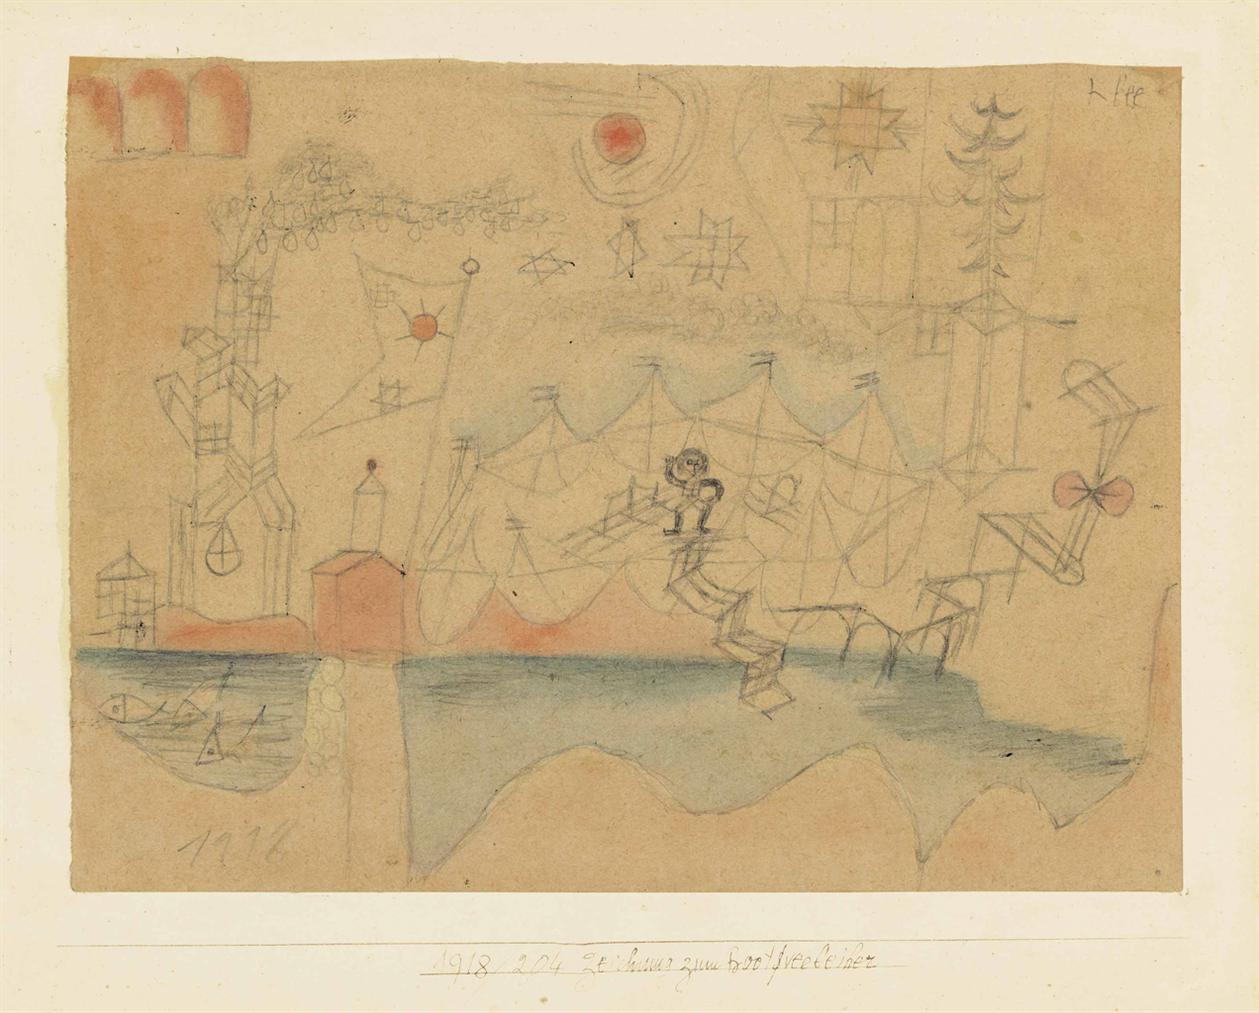 Paul Klee-Zeichnung Zum Bootverleiher-1918